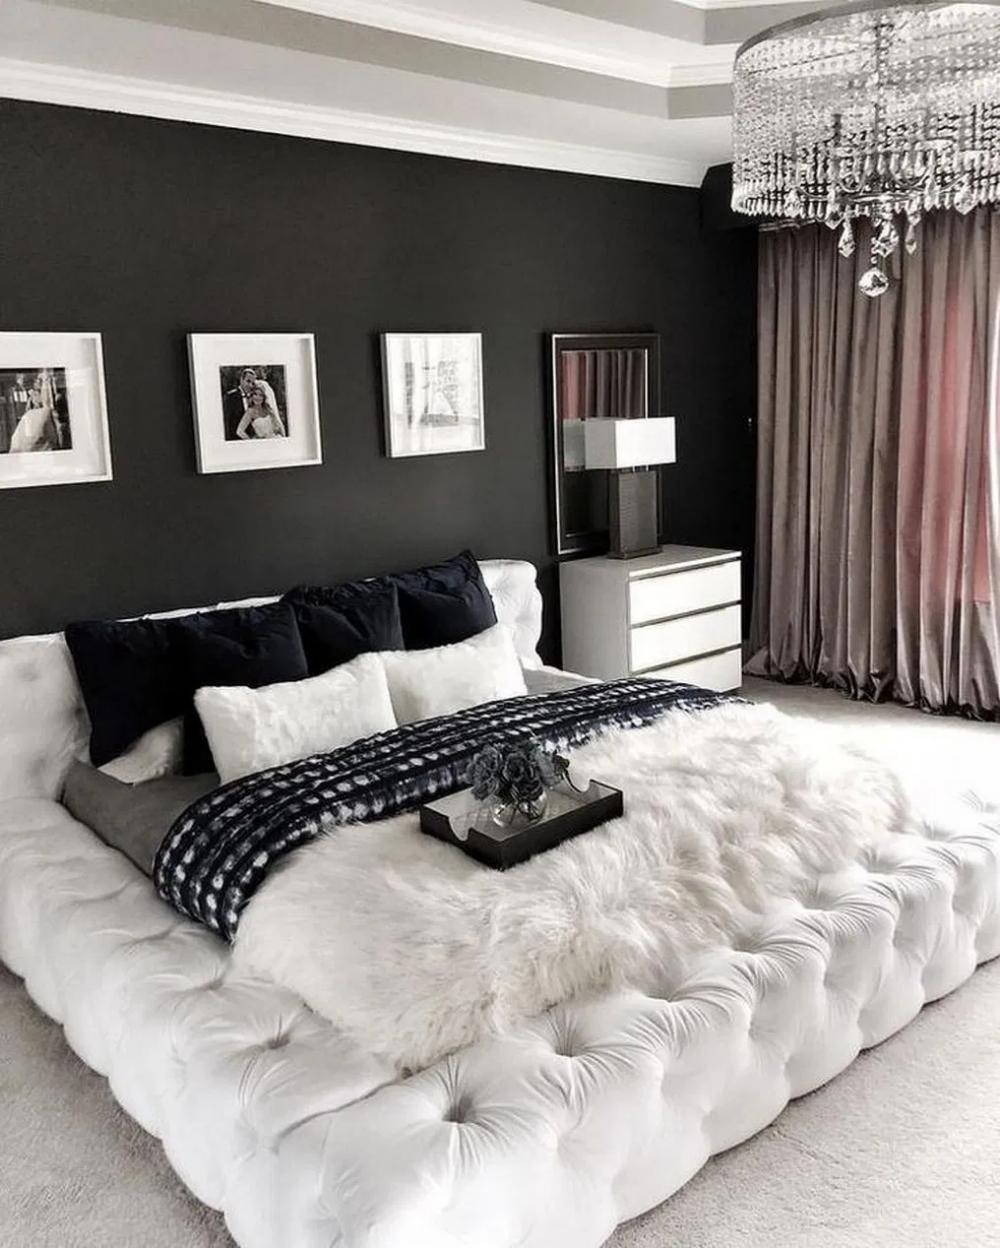 29 Beautiful Guest Bedroom Design Ideas 14 Bedroom Bedroomdesign Bedroomideas Lumbung Batu Com Luxury Bedroom Decor Luxurious Bedrooms Glamourous Bedroom